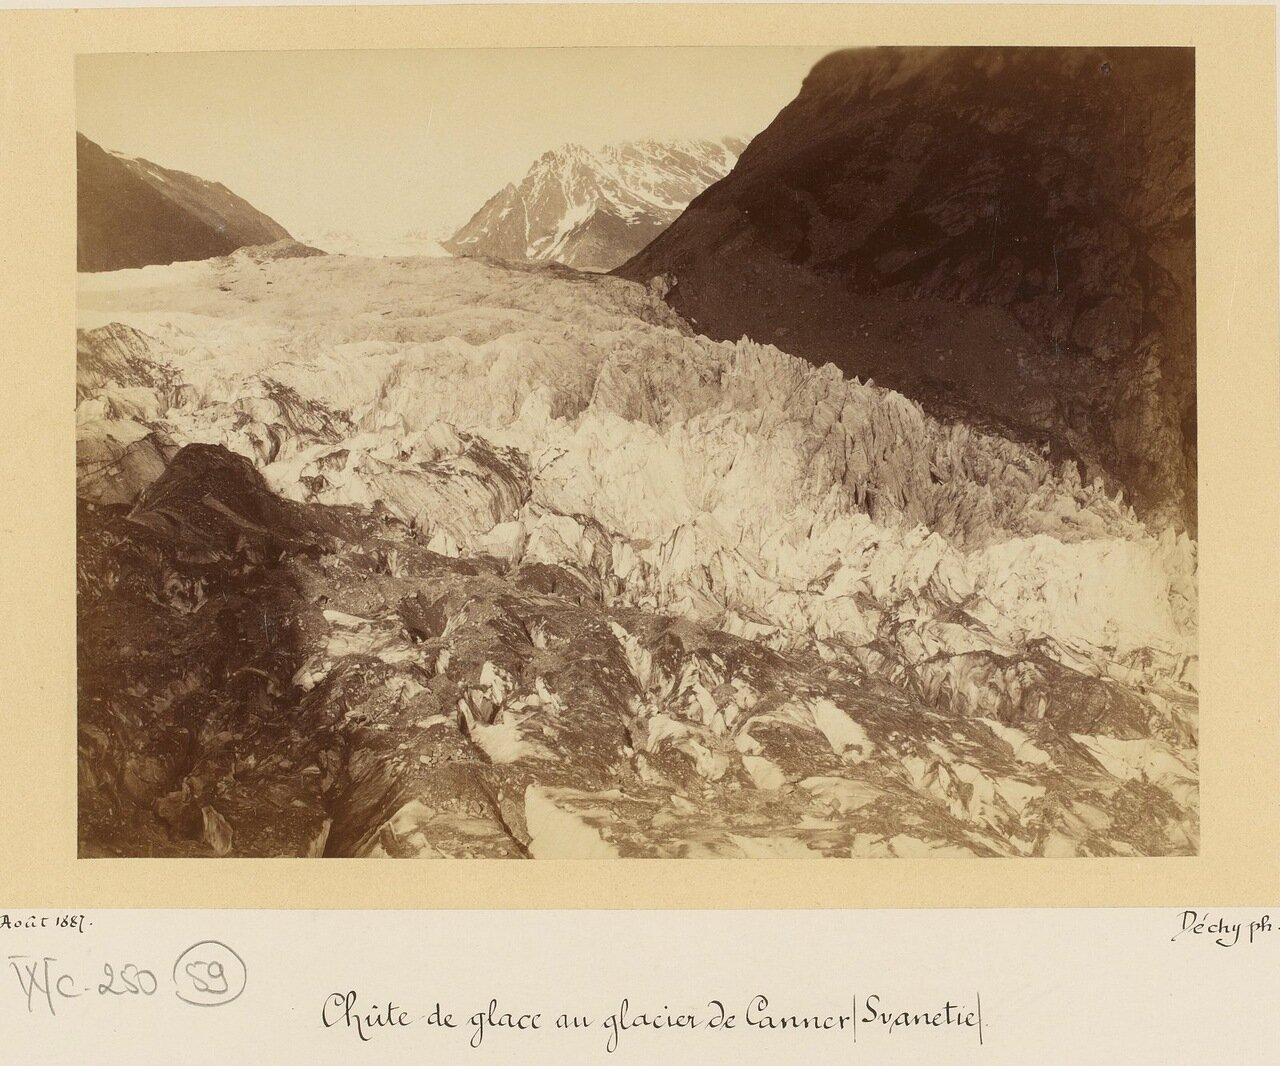 Ледник Каннер (Сванетия)